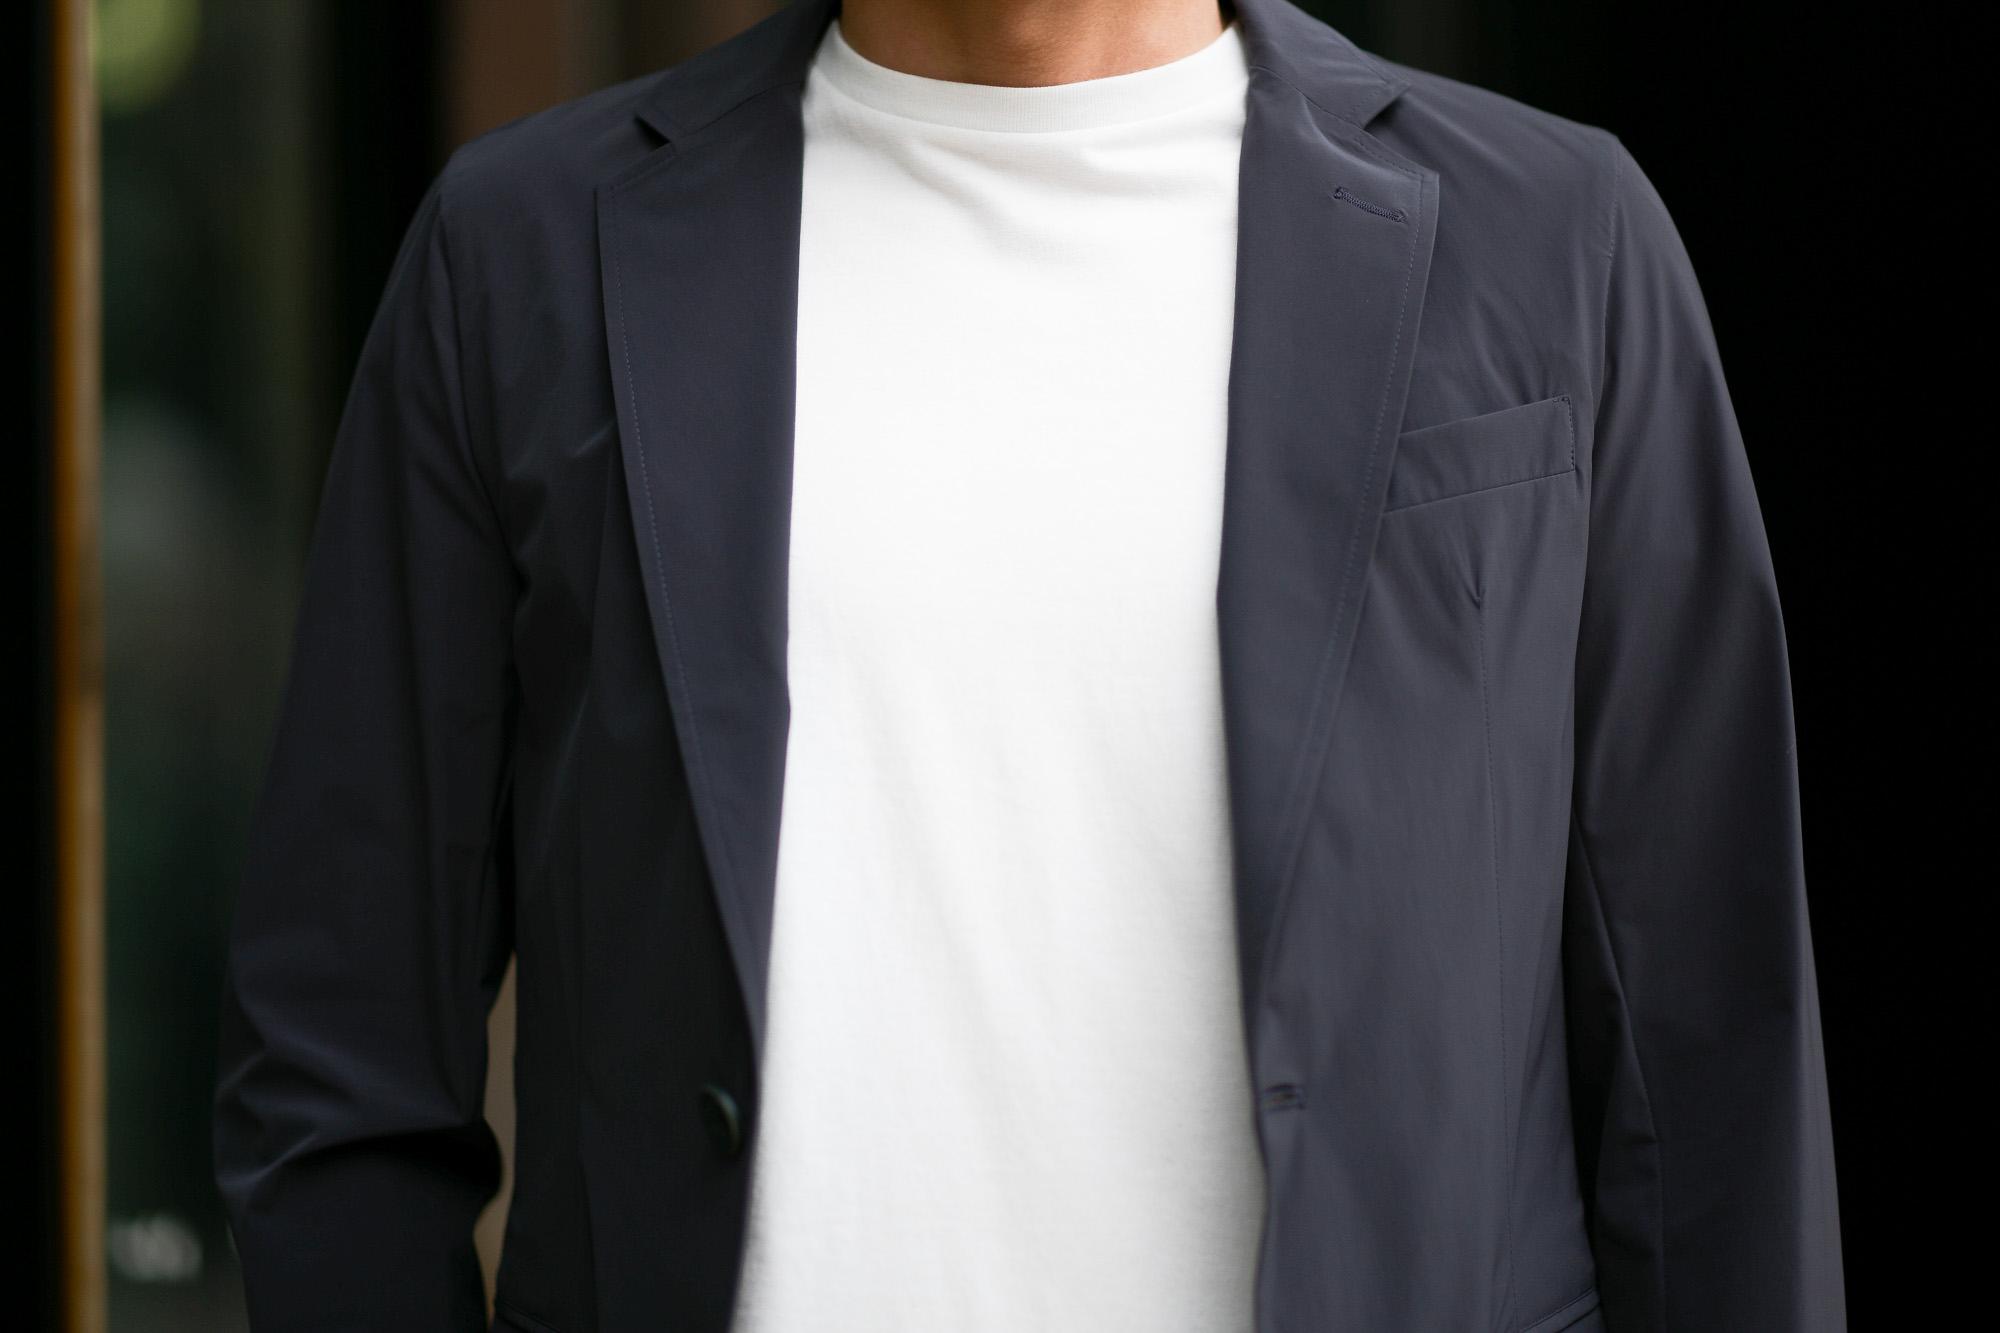 HERNO (ヘルノ) GA0069U Stretch Nylon Jacket (ストレッチ ナイロン ジャケット) 撥水ナイロン 2Bジャケット NAVY (ネイビー・9201) Made in italy (イタリア製) 2019 春夏新作 altoediritto アルトエデリット